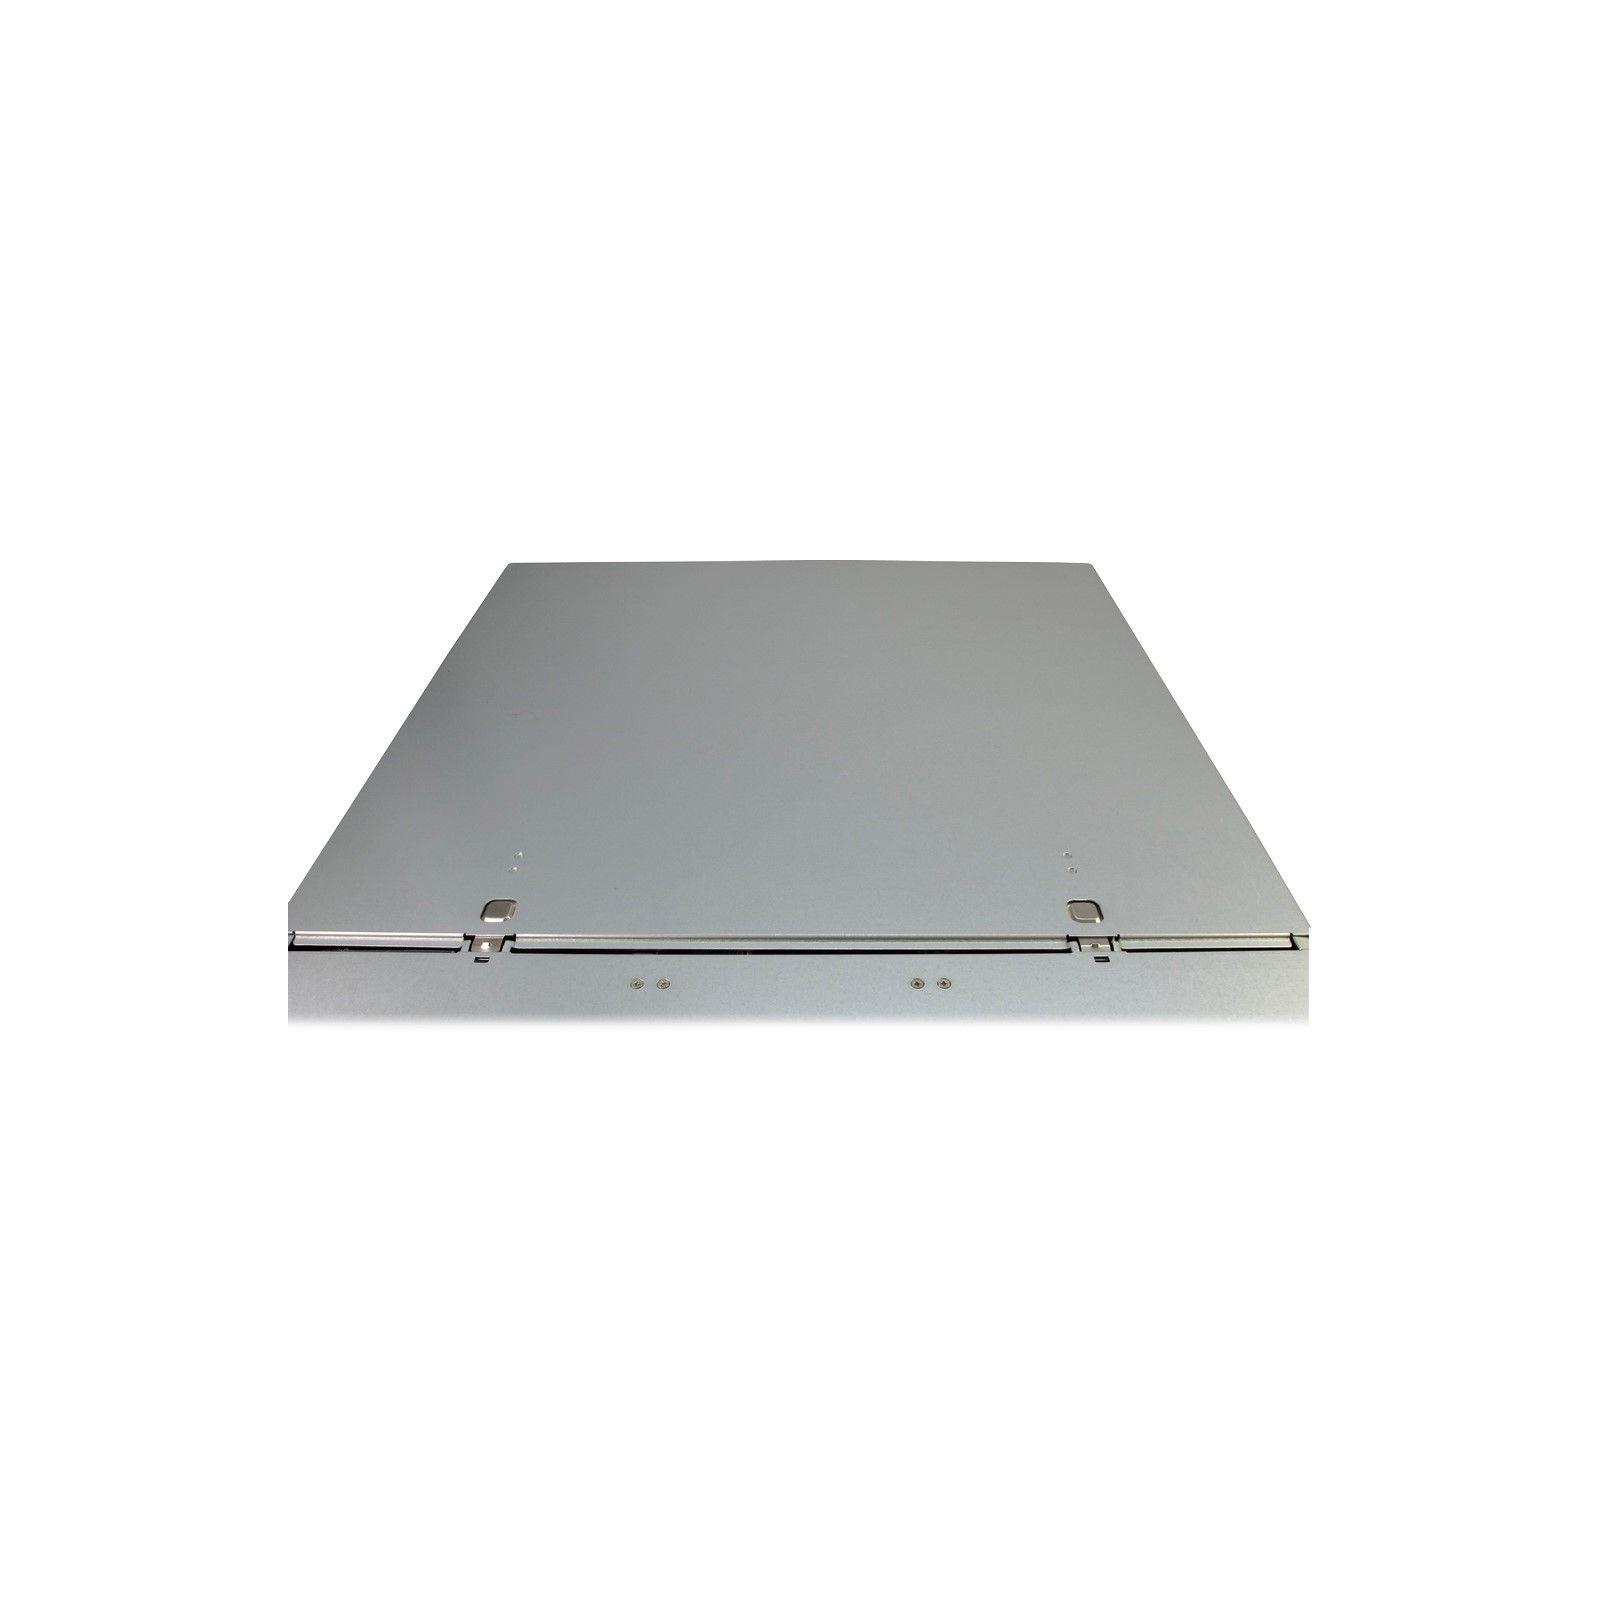 Корпус для сервера Inter-Tech 2U-2408 (456517) изображение 5